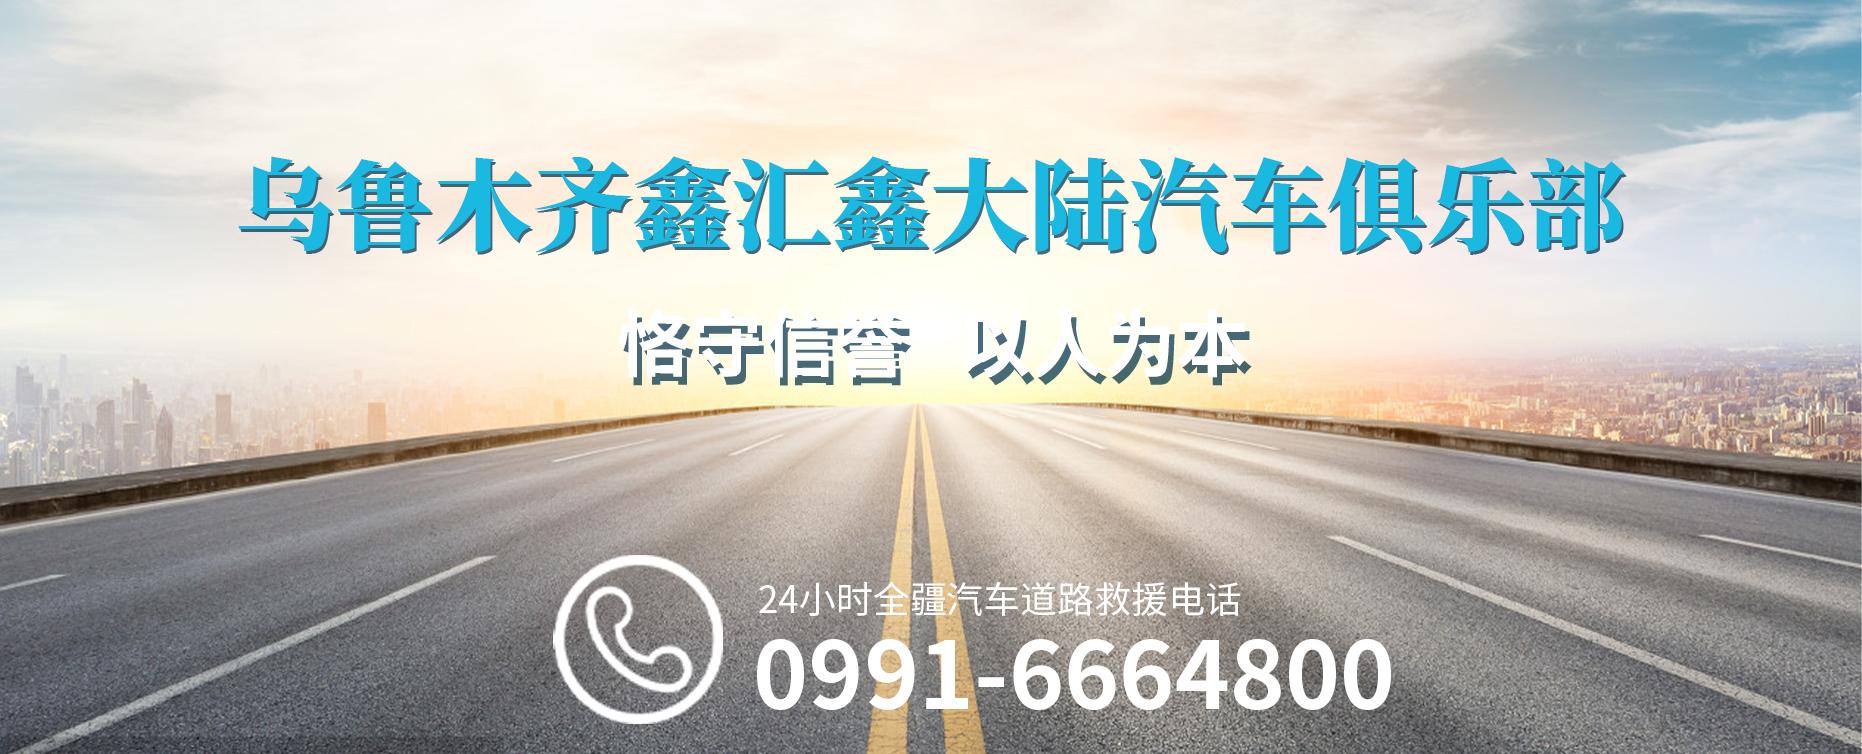 汽車道路救援,24小時道路救援,道路救援電話